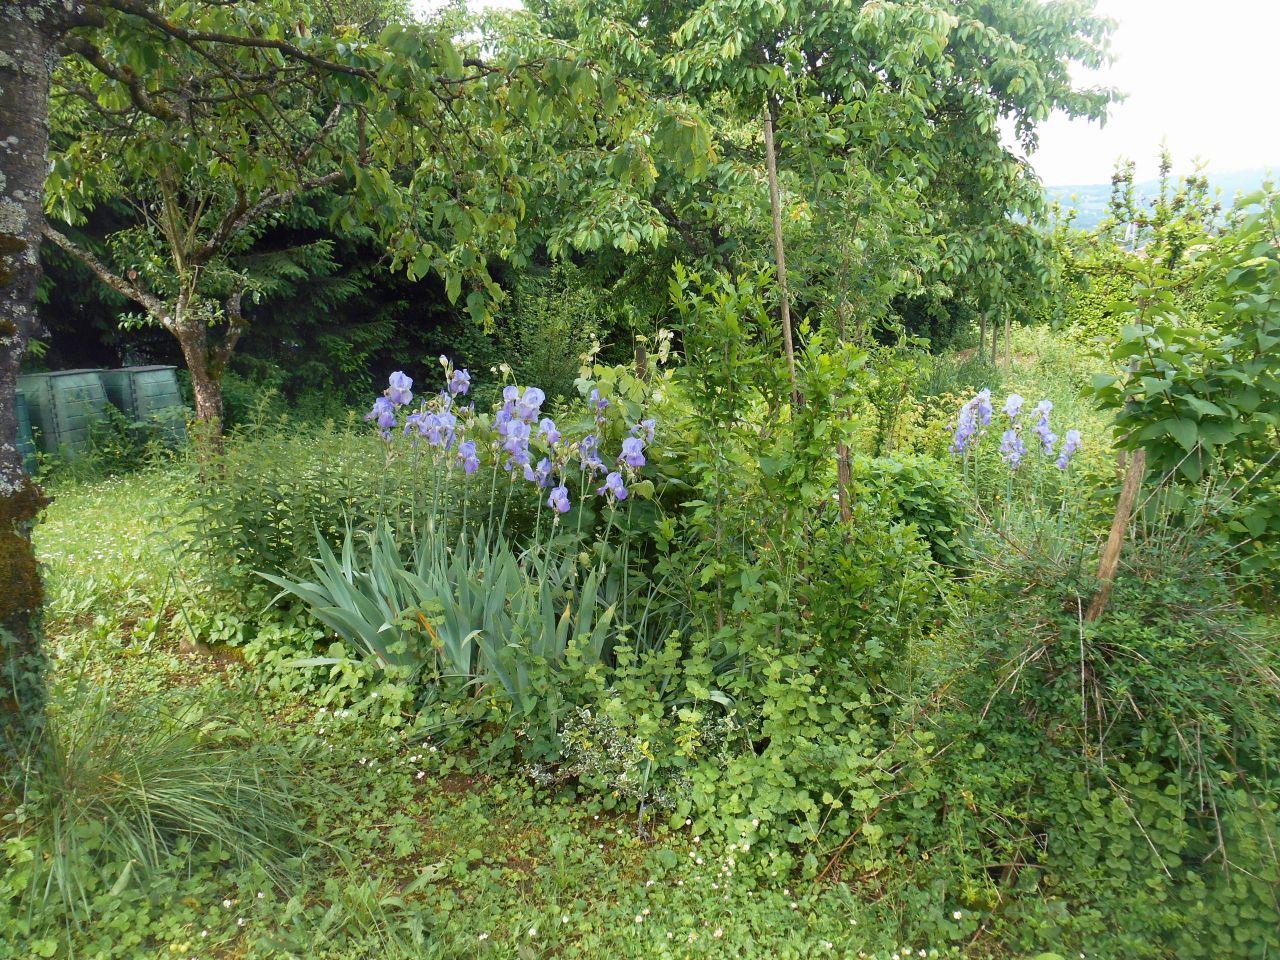 R verie au jardin haute savoie for Au coin du jardin montville